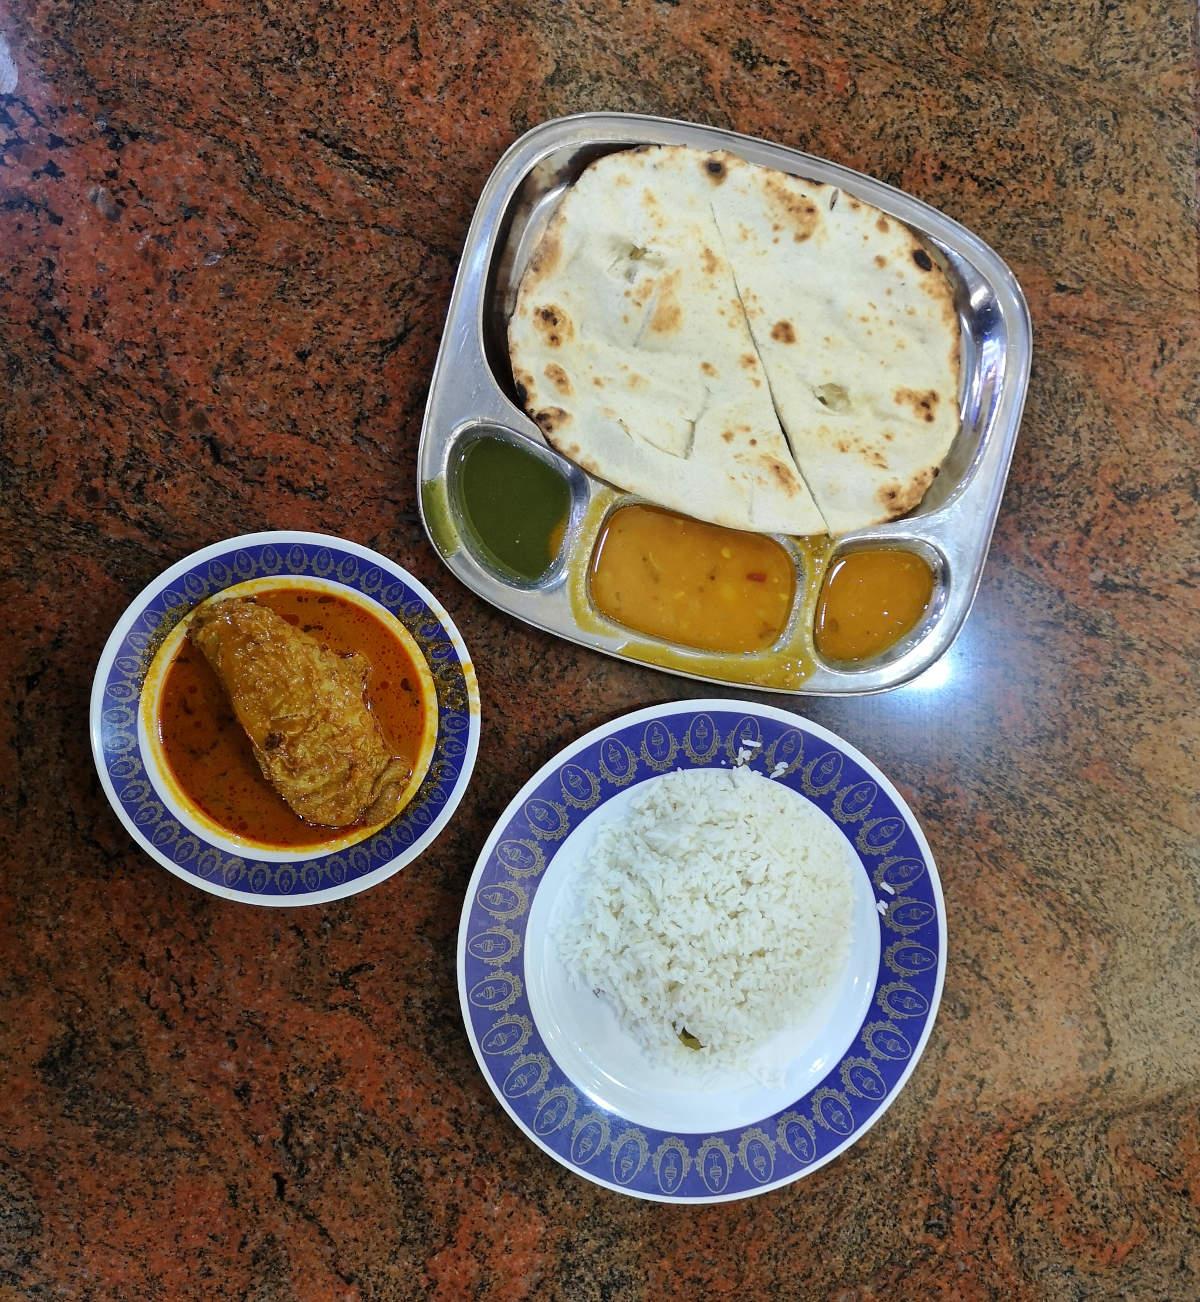 Ausgezeichnetes indisches Essen in Kuala Lumpur gibt es im KLCC im Nasi Kandar Pelita, hier Chicken Curry und Naan Brot. Wanderhunger